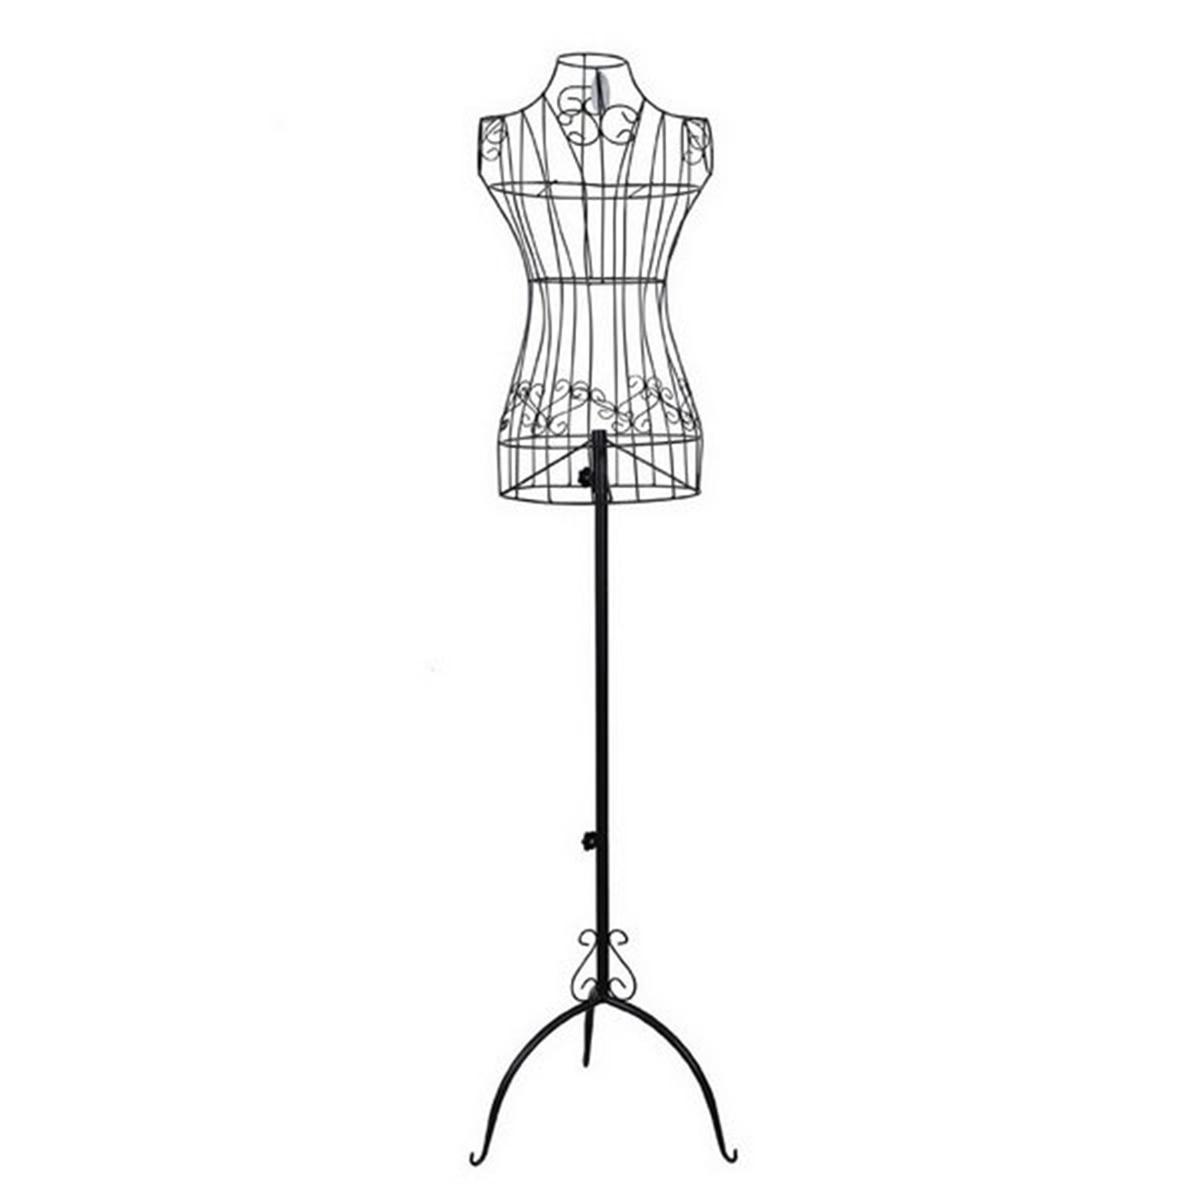 Манекены вешалка дисплей стенд женщина всего тела и половинной длины женщина одежда модель железная рамка модели Свадебный манекен